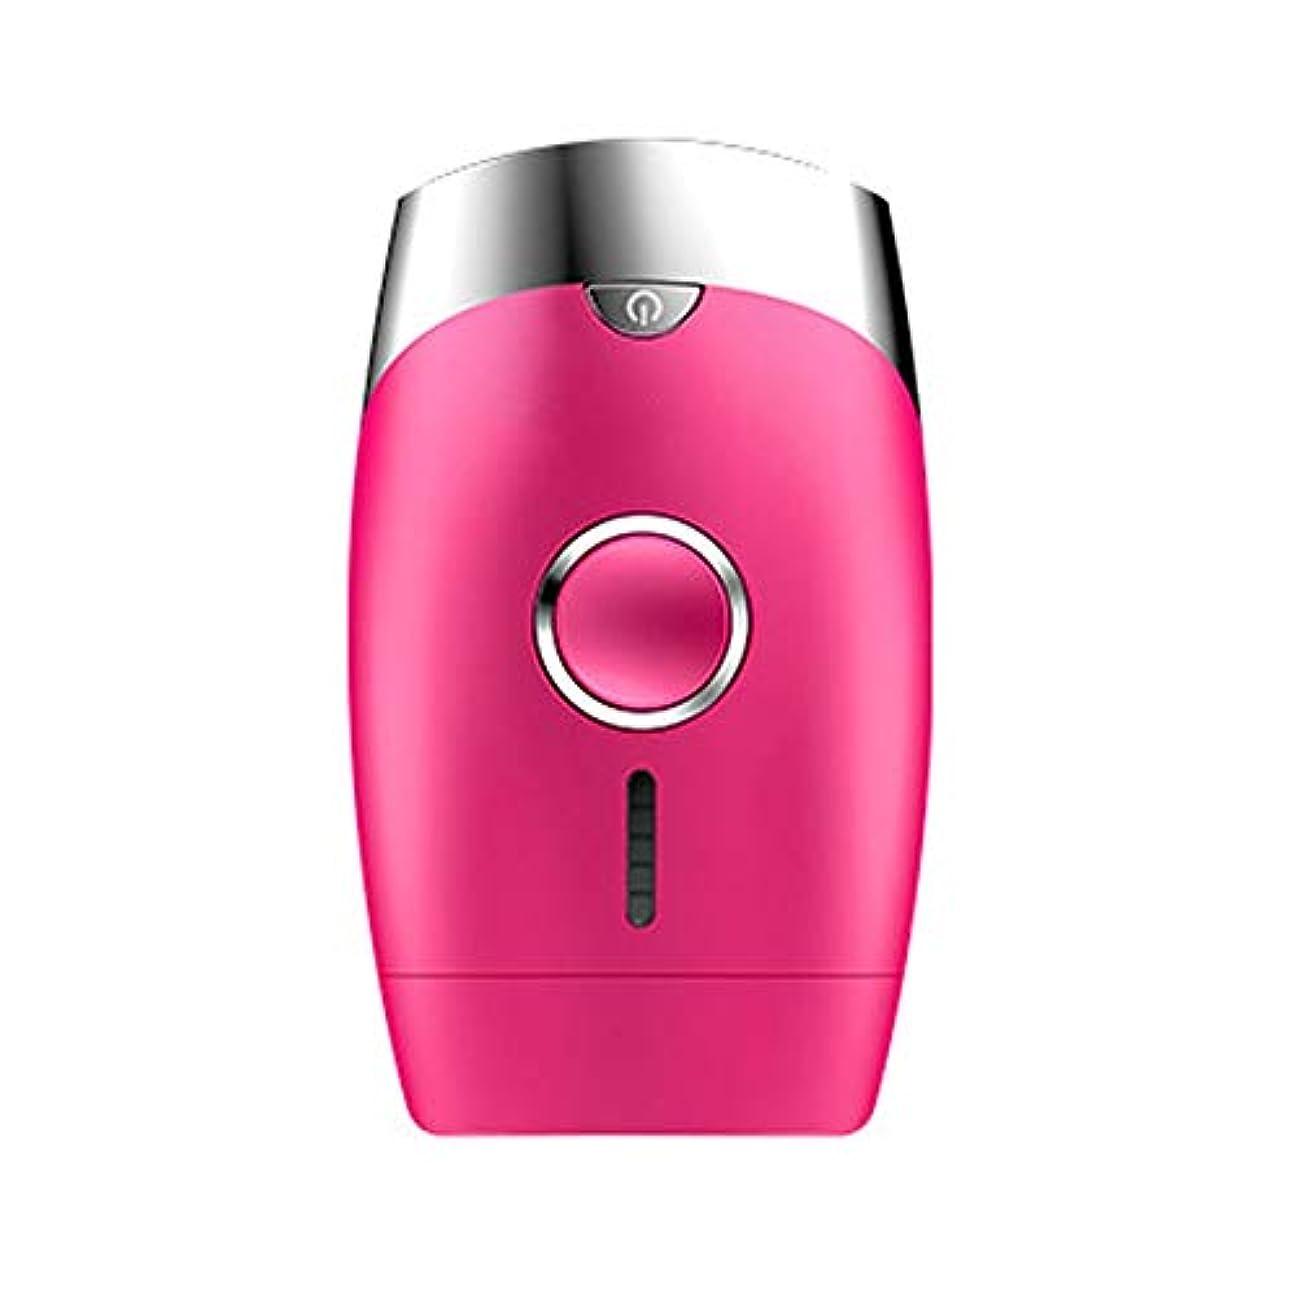 コンデンサー定義するバストピンク、5スピード調整、インテリジェント家庭用痛みのない凝固点ヘアリムーバー、シングルフラッシュ/連続フラッシュ、サイズ13.9 X 8.3 X 4.8 Cm 安全性 (Color : Pink)